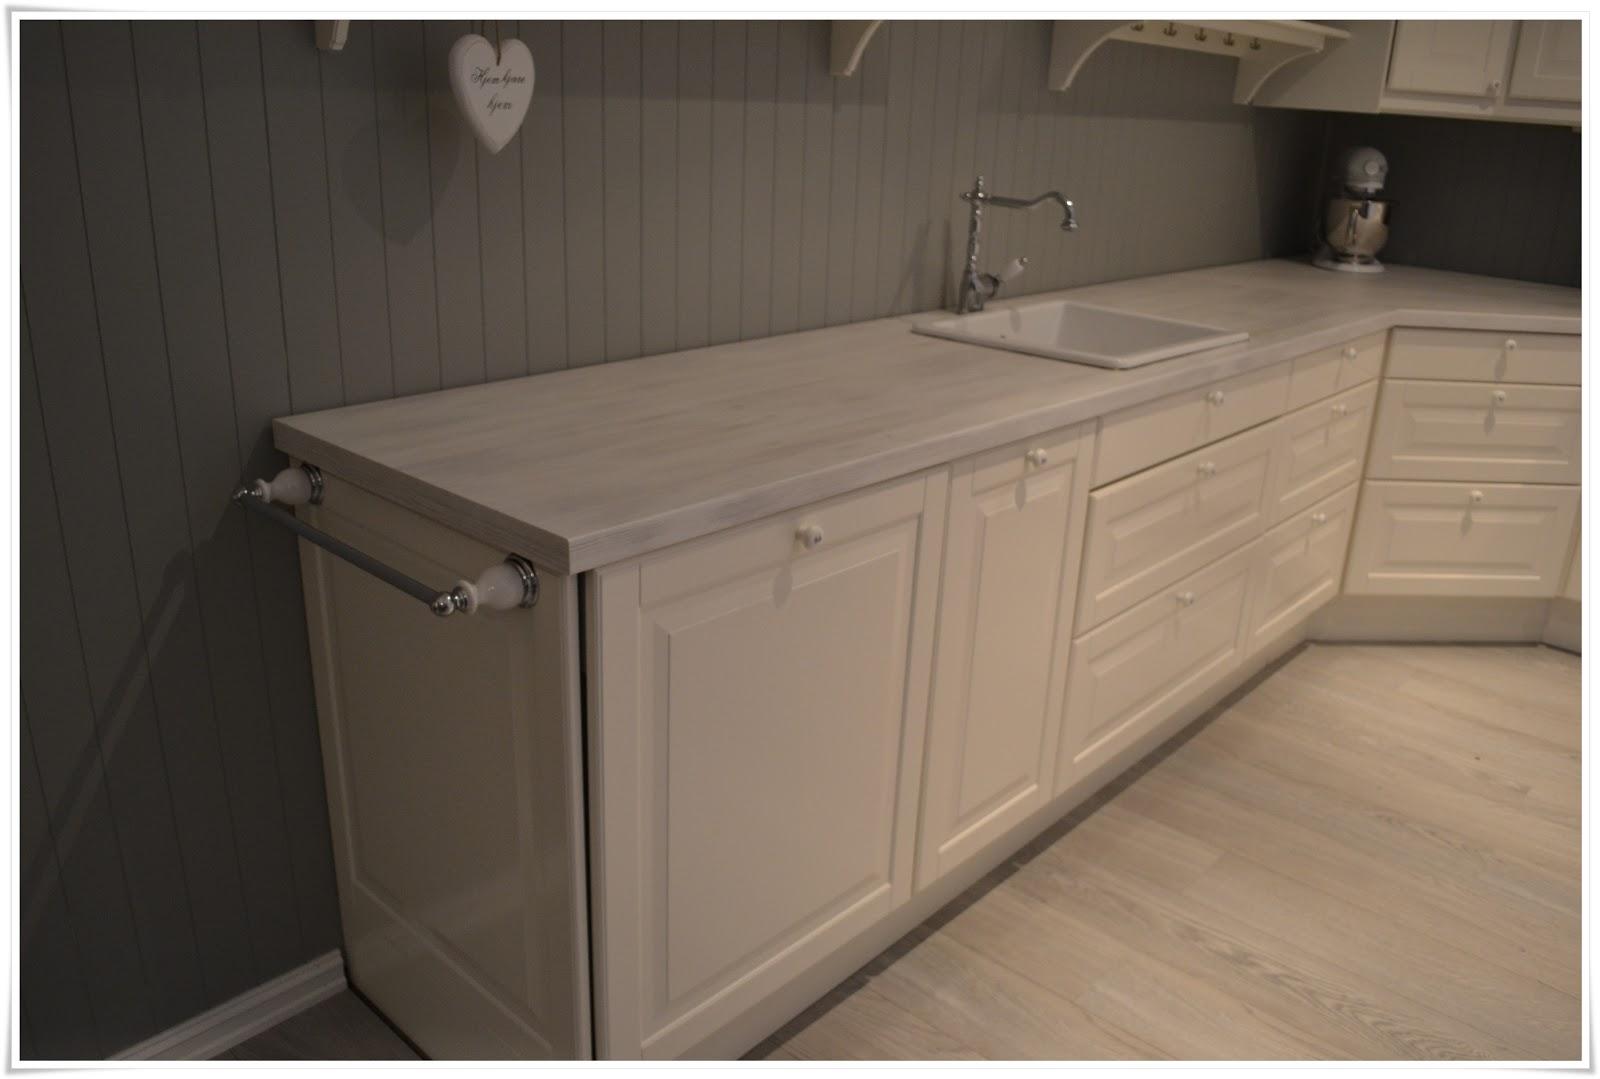 ikea laminatgulv simple ii with ikea laminatgulv cool ekbacken mttbestlld bnkskiva ljusgr. Black Bedroom Furniture Sets. Home Design Ideas